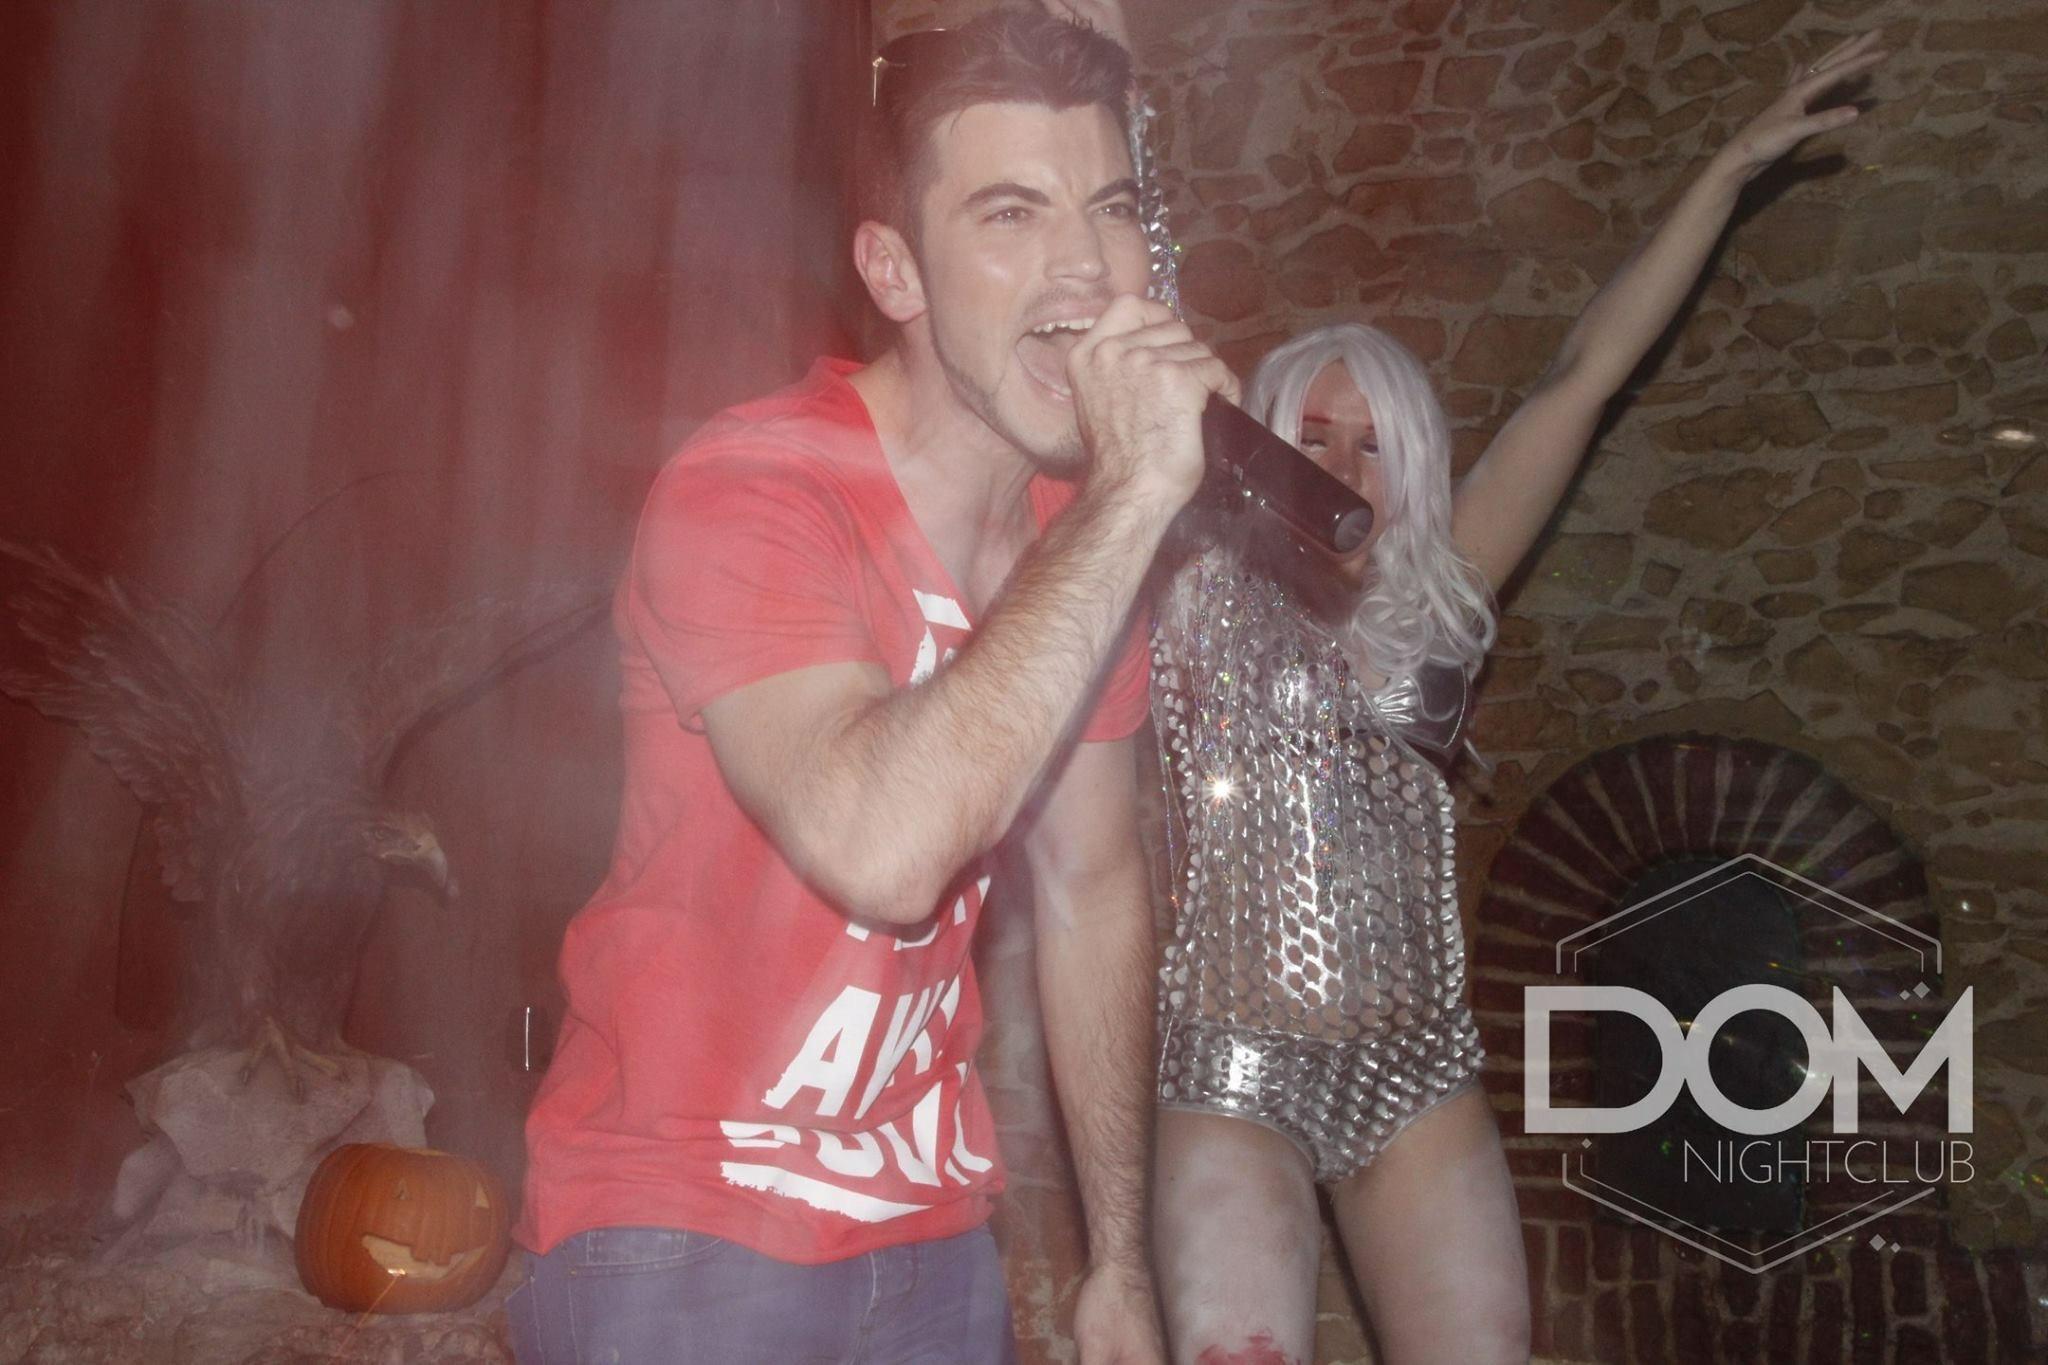 Club Dom